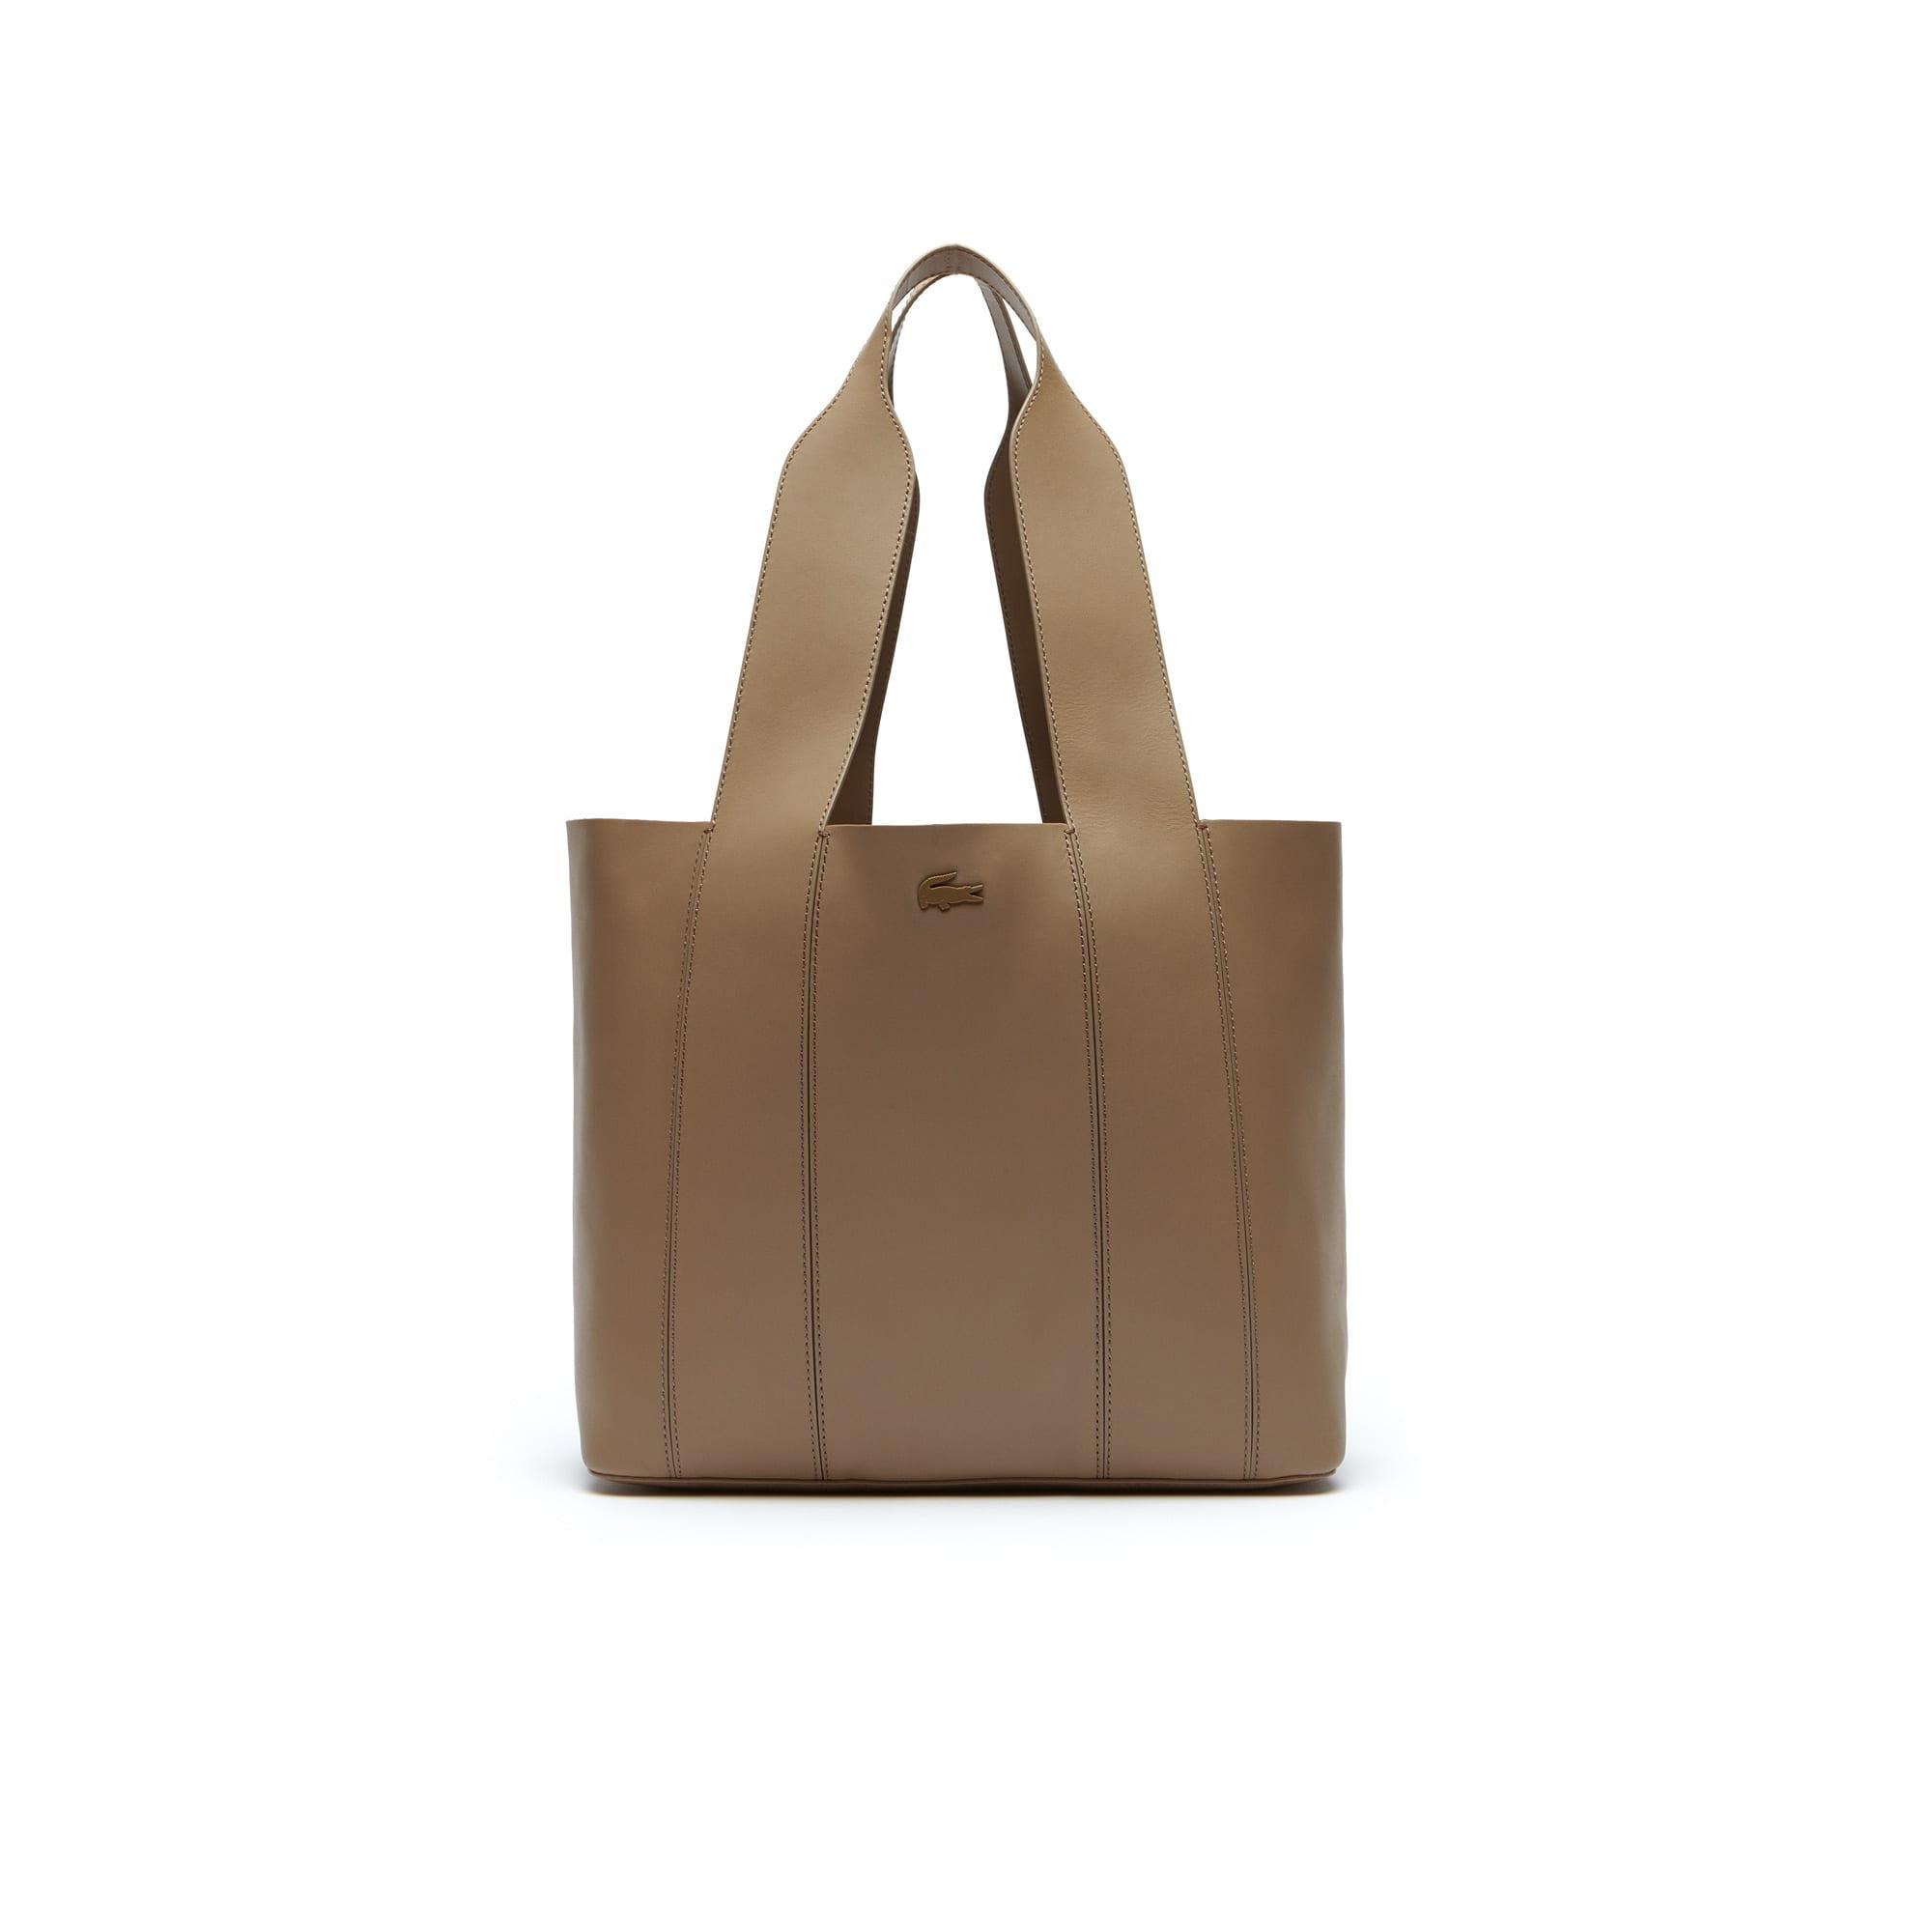 9a1ee1c24e Maroquinerie femme, sacs à main, portefeuilles | LACOSTE